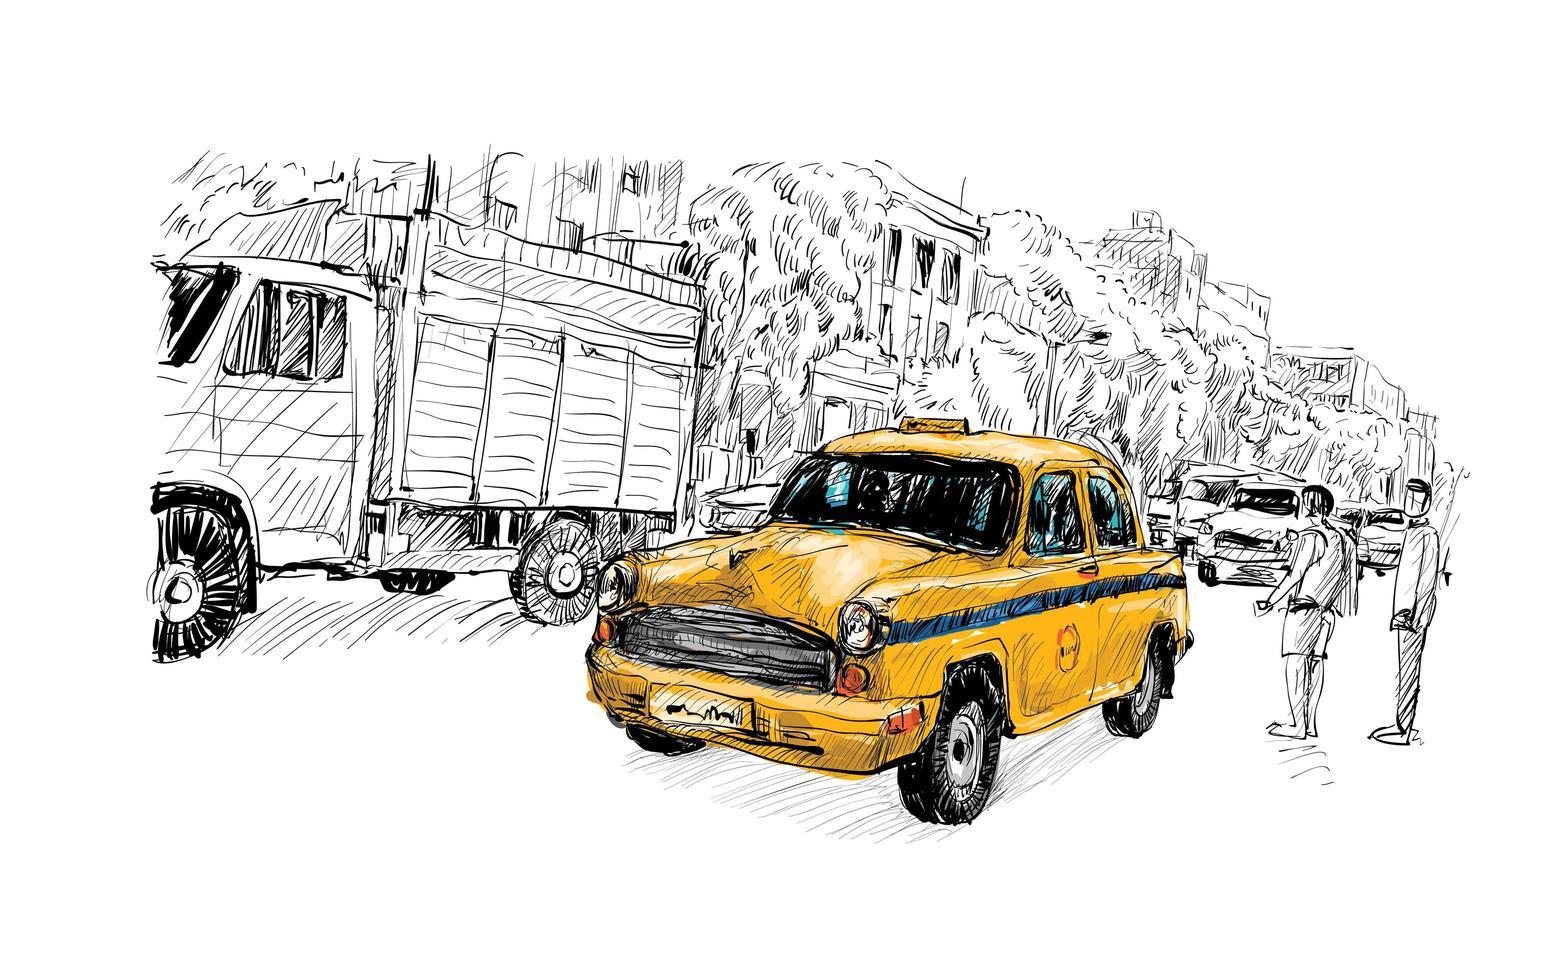 schizzo di un taxi in un paesaggio urbano vettore